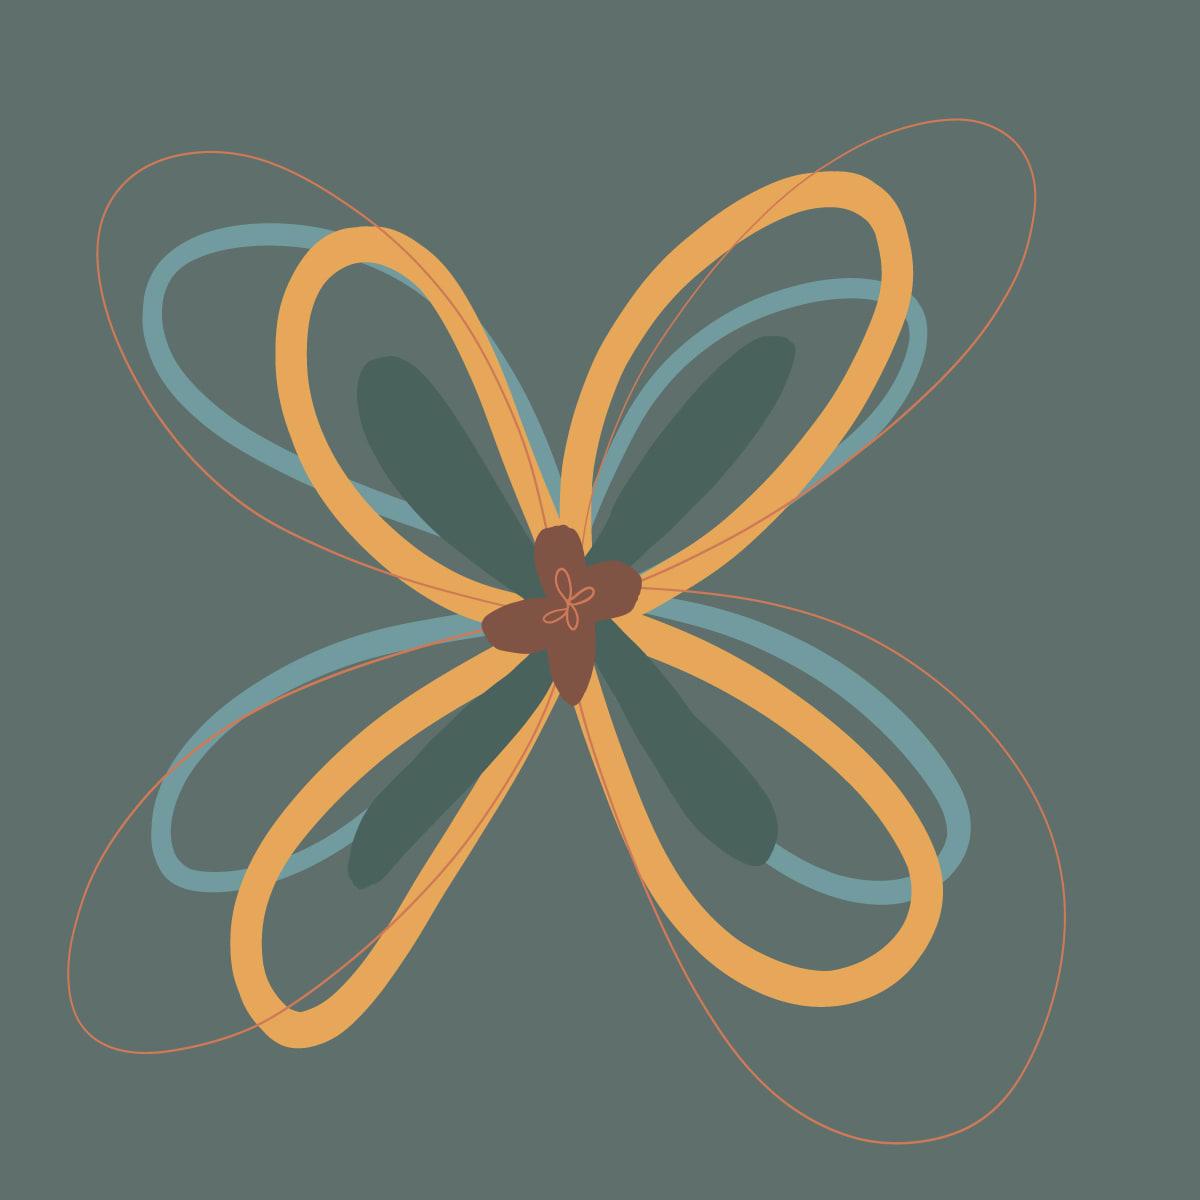 Spiro-Flower 03 by Jennifer Crouch